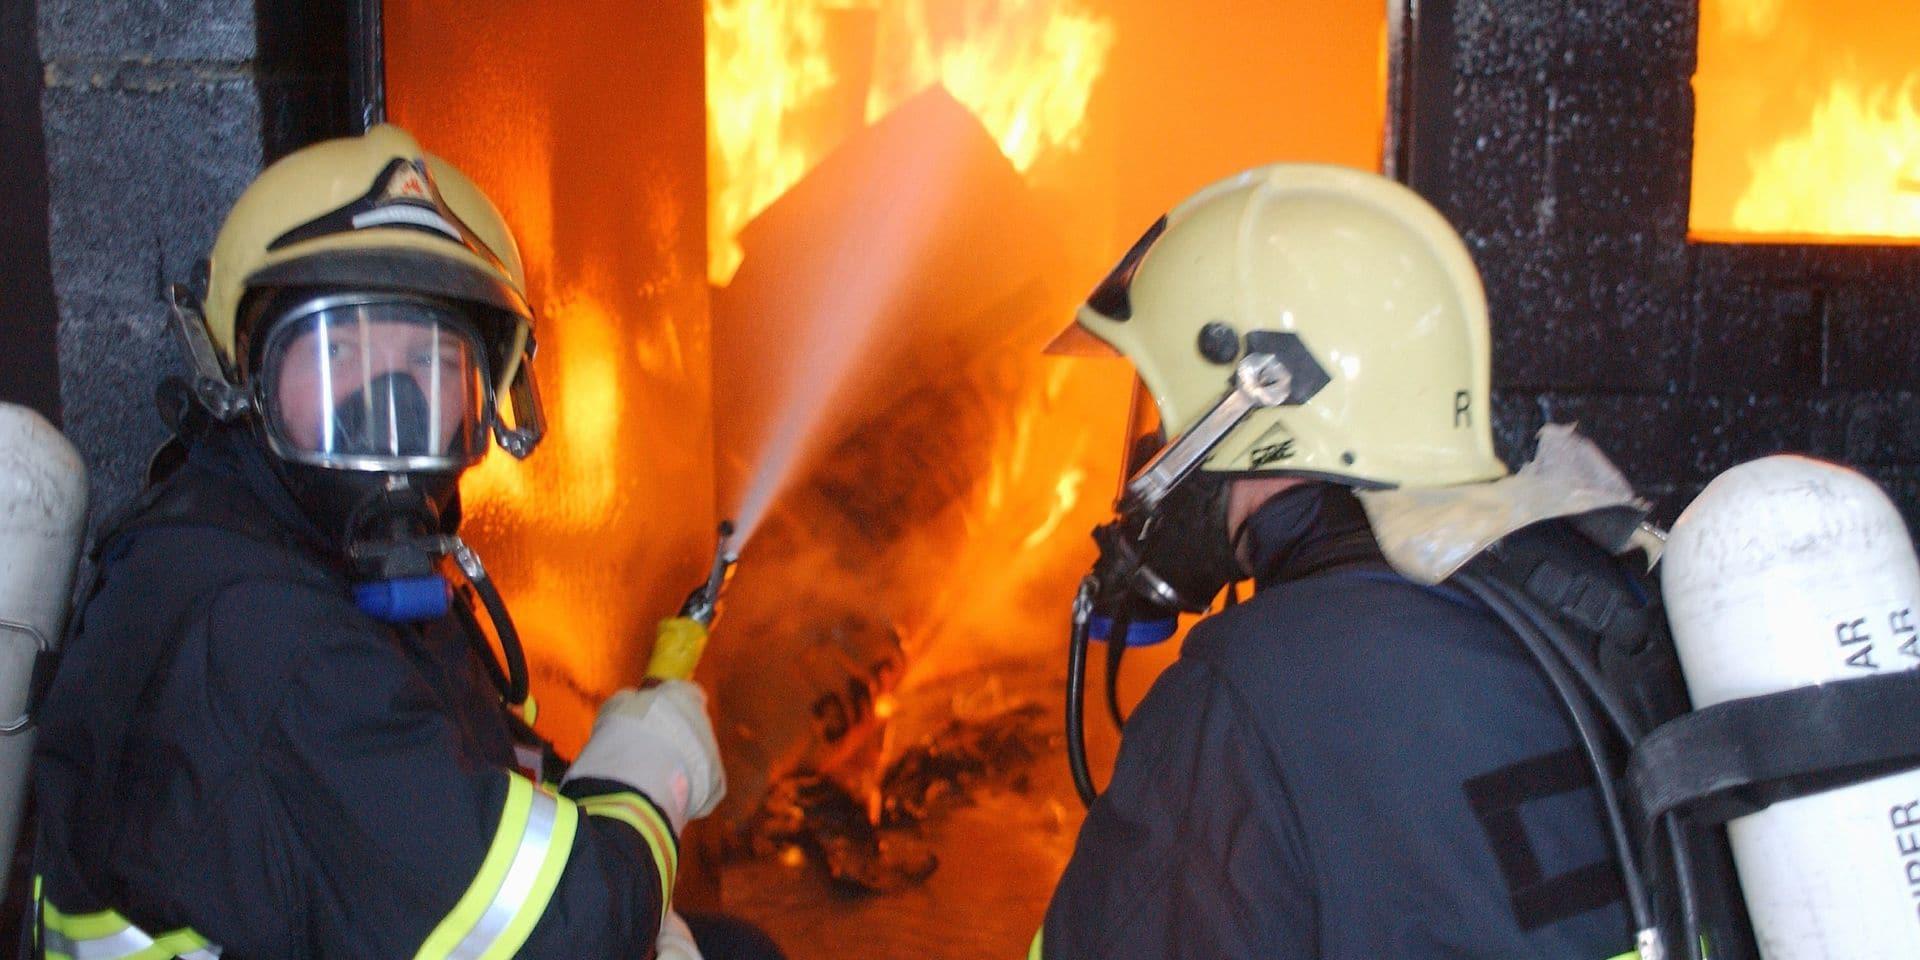 Incendie volontaire dans des bâtiments en construction à Wavre: trois suspects appréhendés